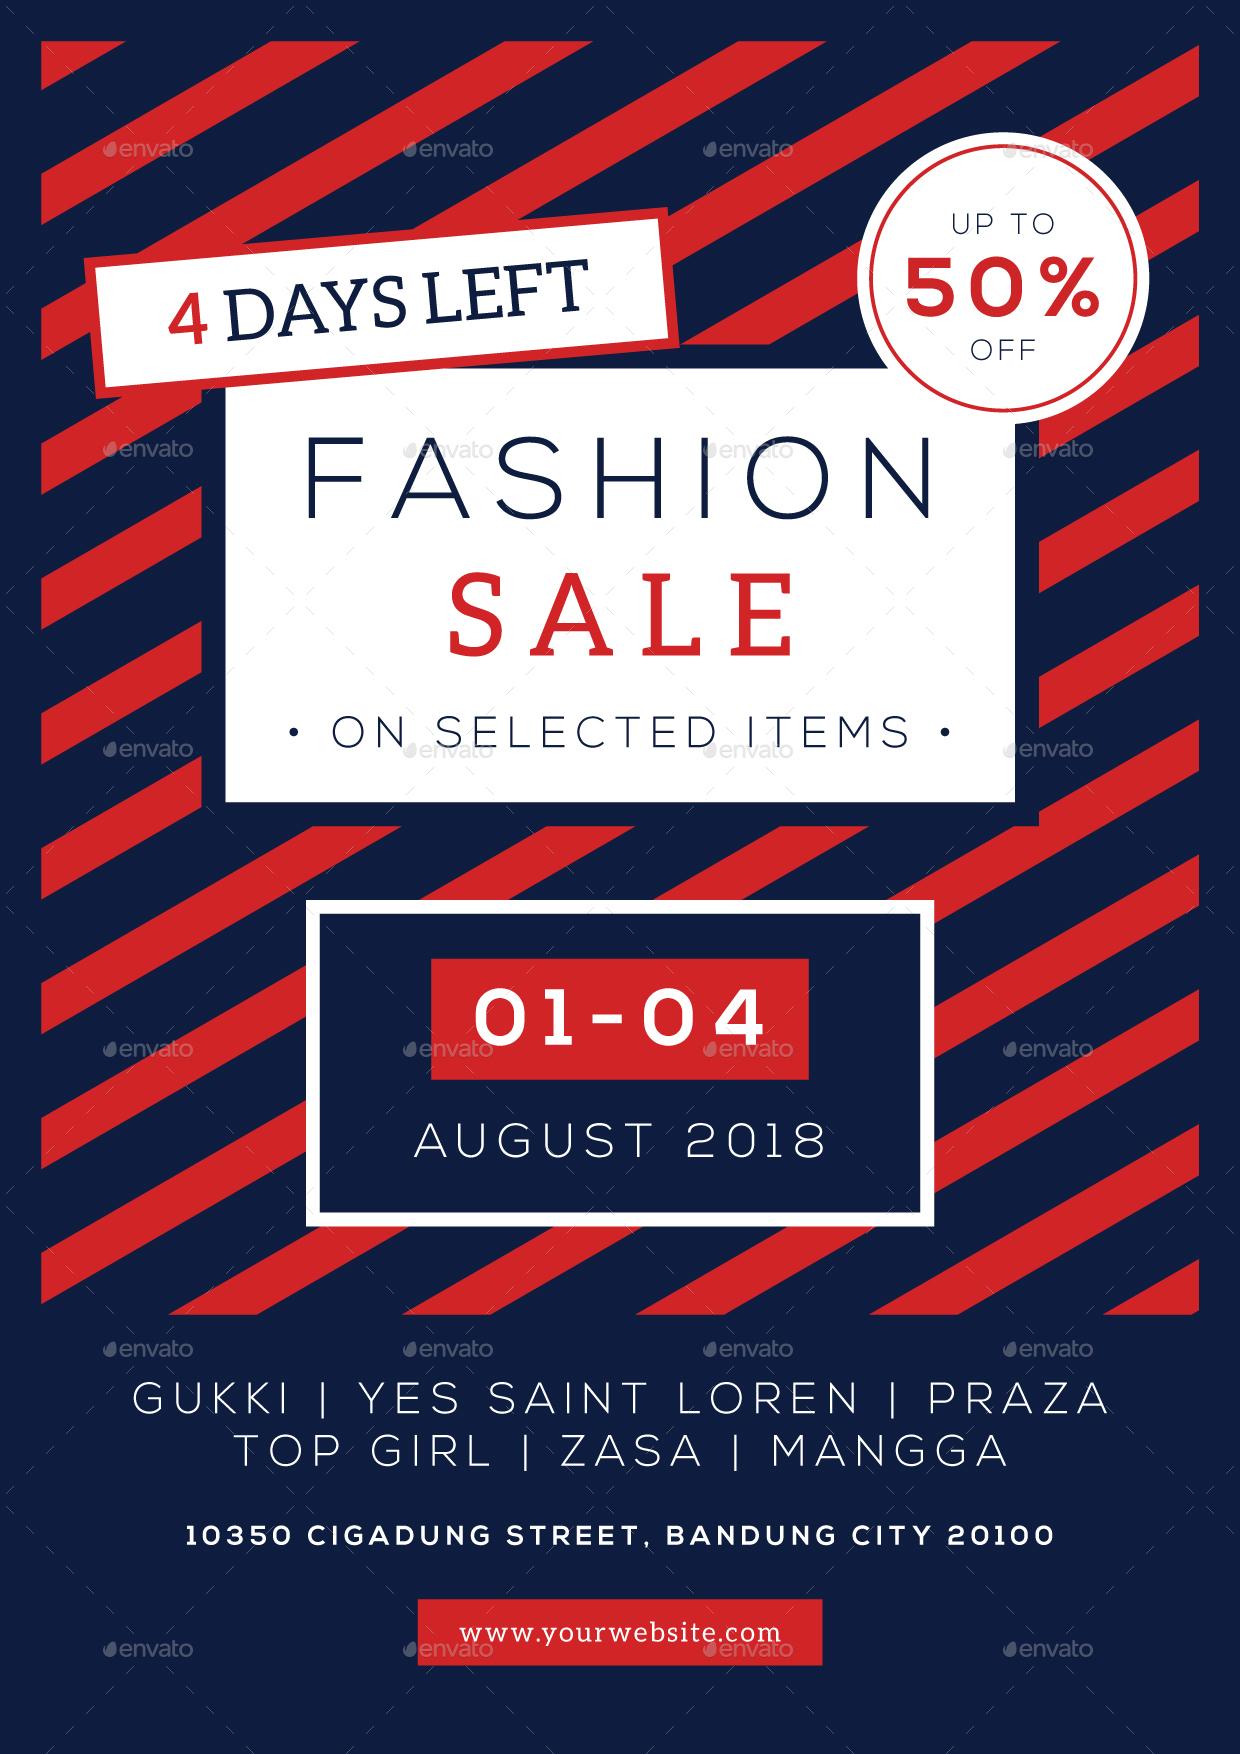 Fashion Sale Flyer by bigmidin | GraphicRiver